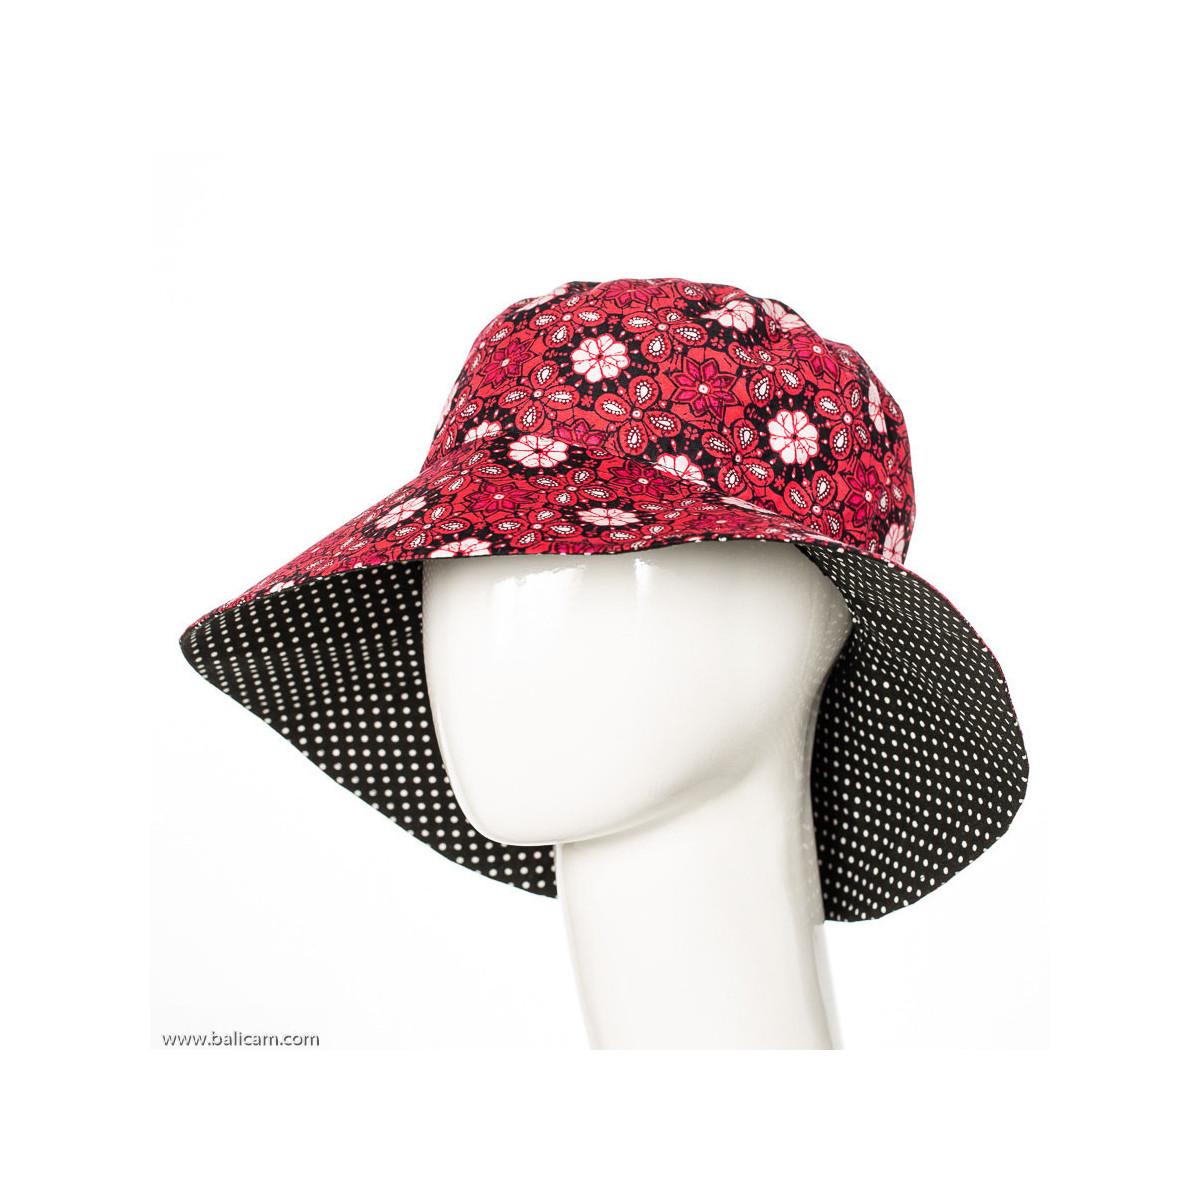 Chapeau coton adulte réversible rose framboise et noir à pois